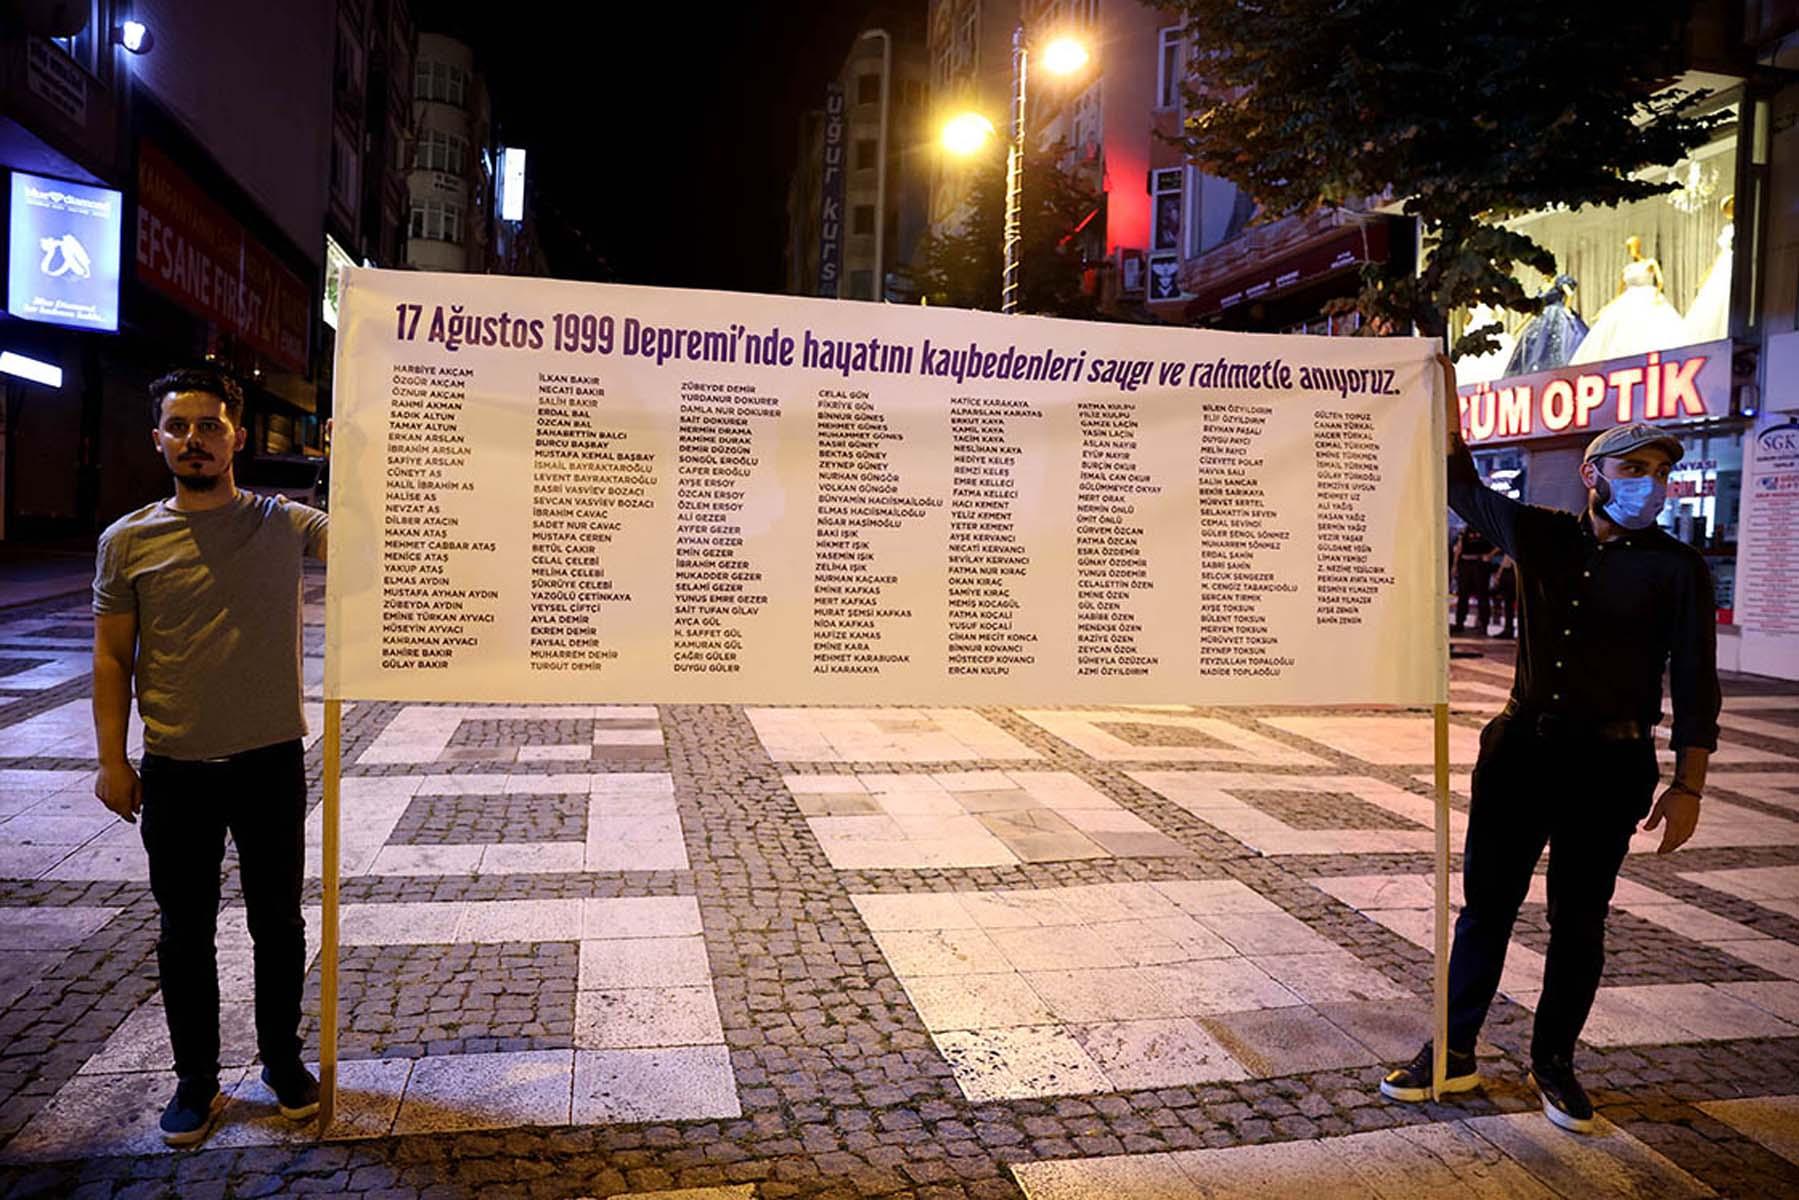 17 Ağustos 1999 Marmara Depreminin üzerinden 22 yıl geçti! Hayatını kaybedenler törenlerle anıldı